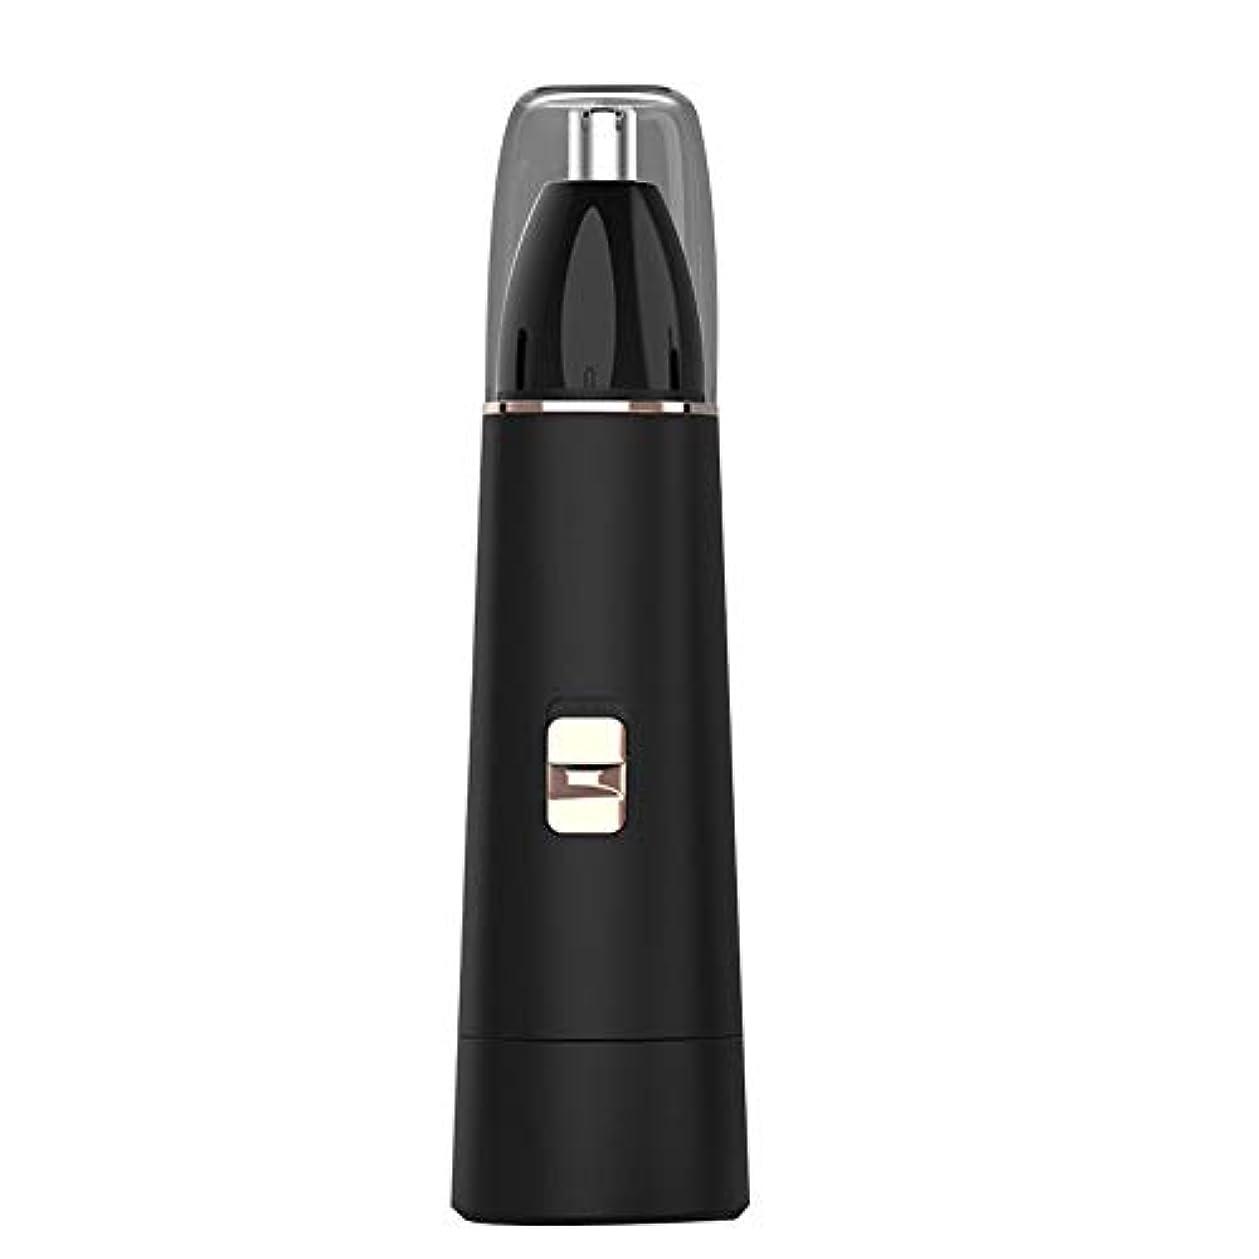 推測する編集する見捨てられた鼻毛トリマー-USB充電式電動鼻毛トリマー/ABS素材/多機能 使いやすい